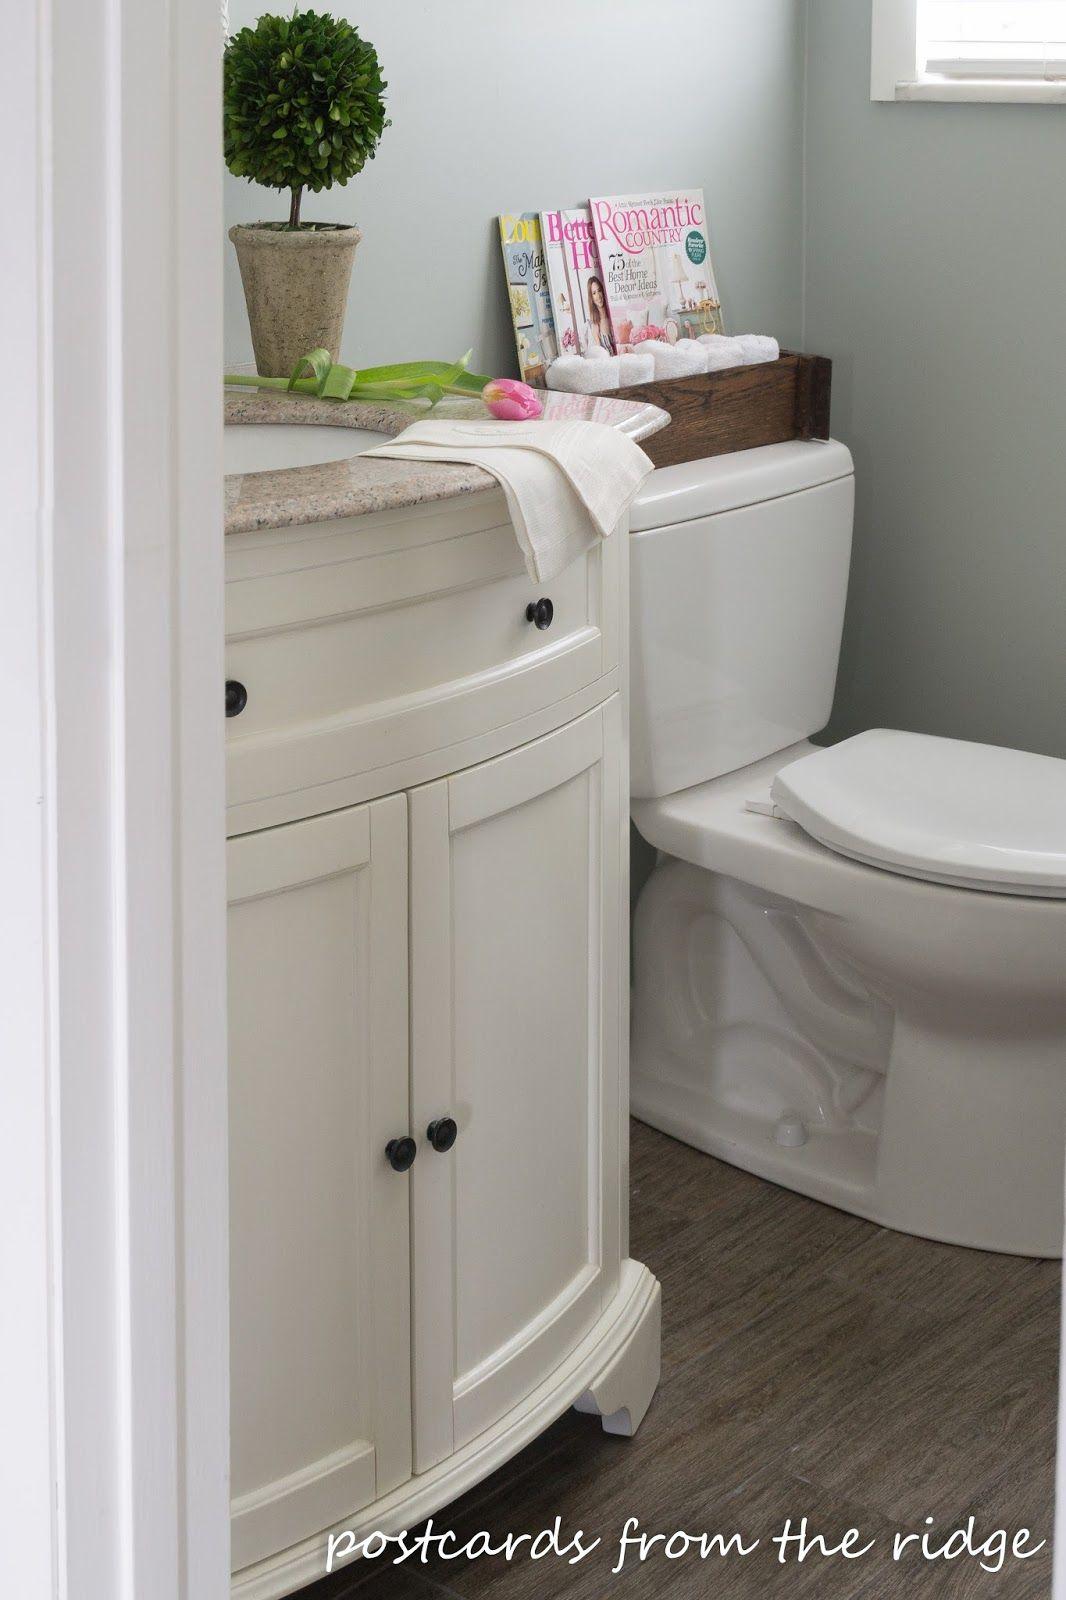 Half Bathroom Renovation Ideas our half bathroom renovation details | half bathroom remodel